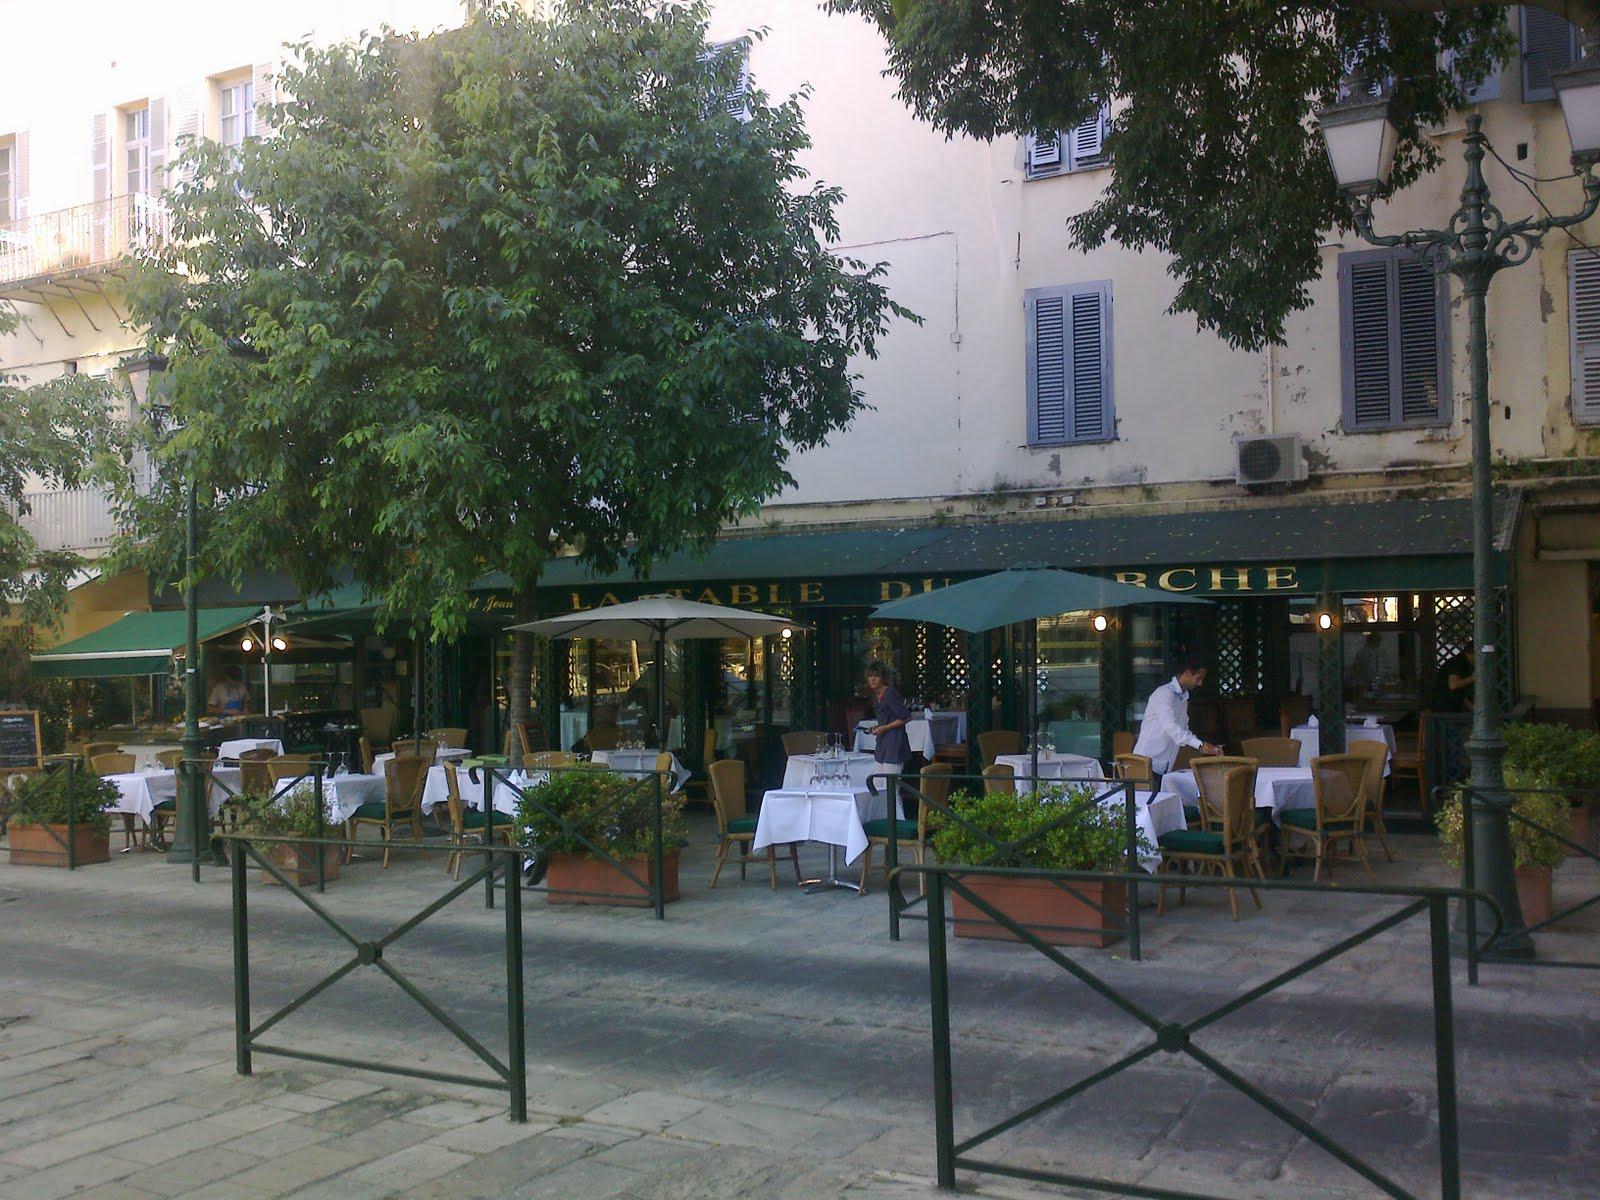 Restaurant la table du march bastia - A la table du marche narbonne ...